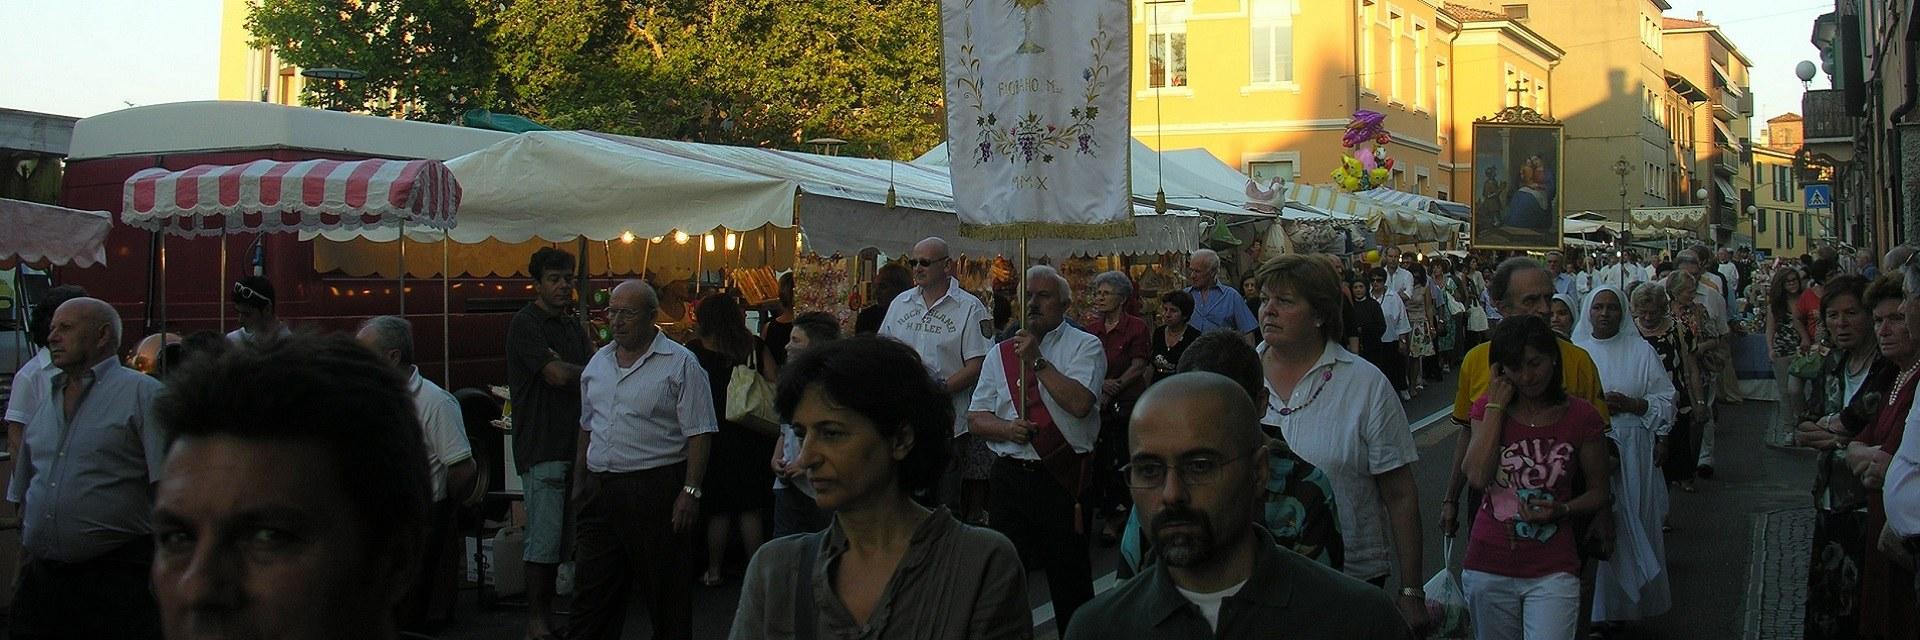 Festival of 8 September